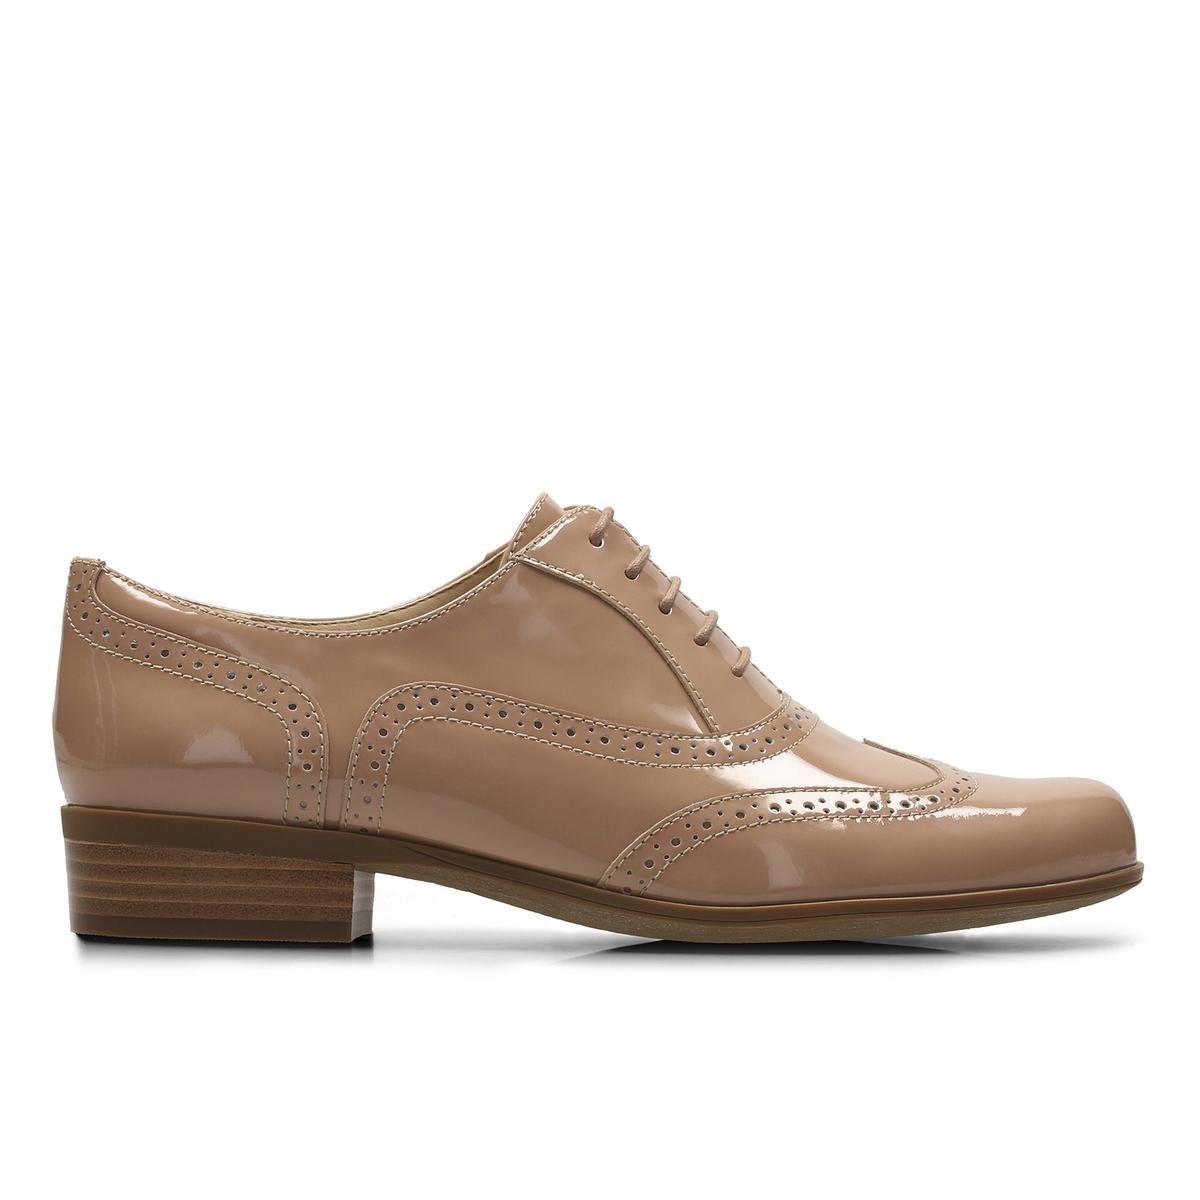 купить Ботинки-дерби из лакированной кожи  Hambloe Oak дешево